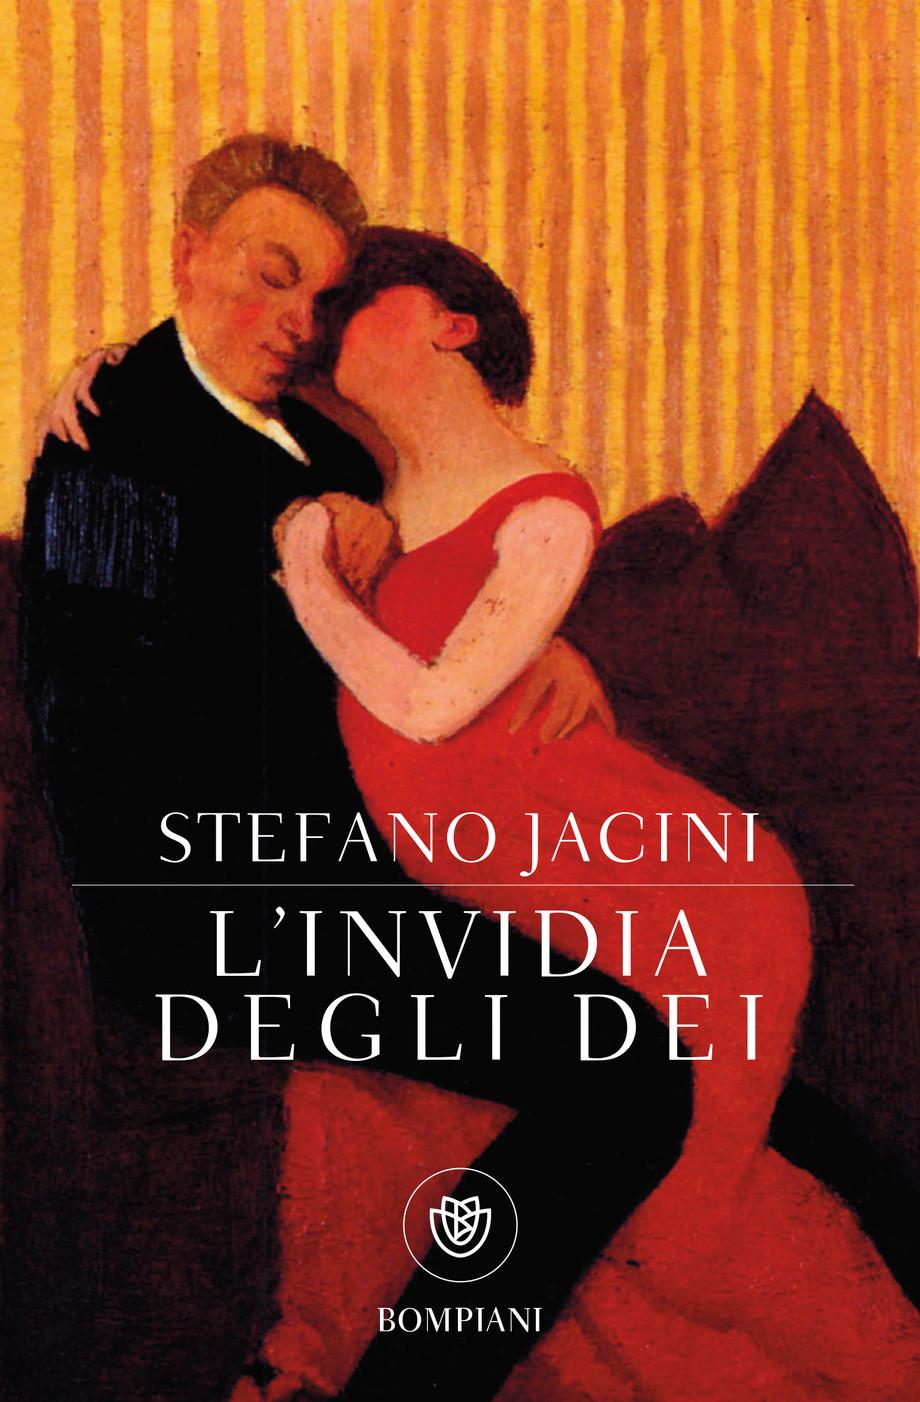 L'invidia degli dei, il nuovo romanzo di Stefano Jacini / L'invidia degli dei, Stefano Jacini new no